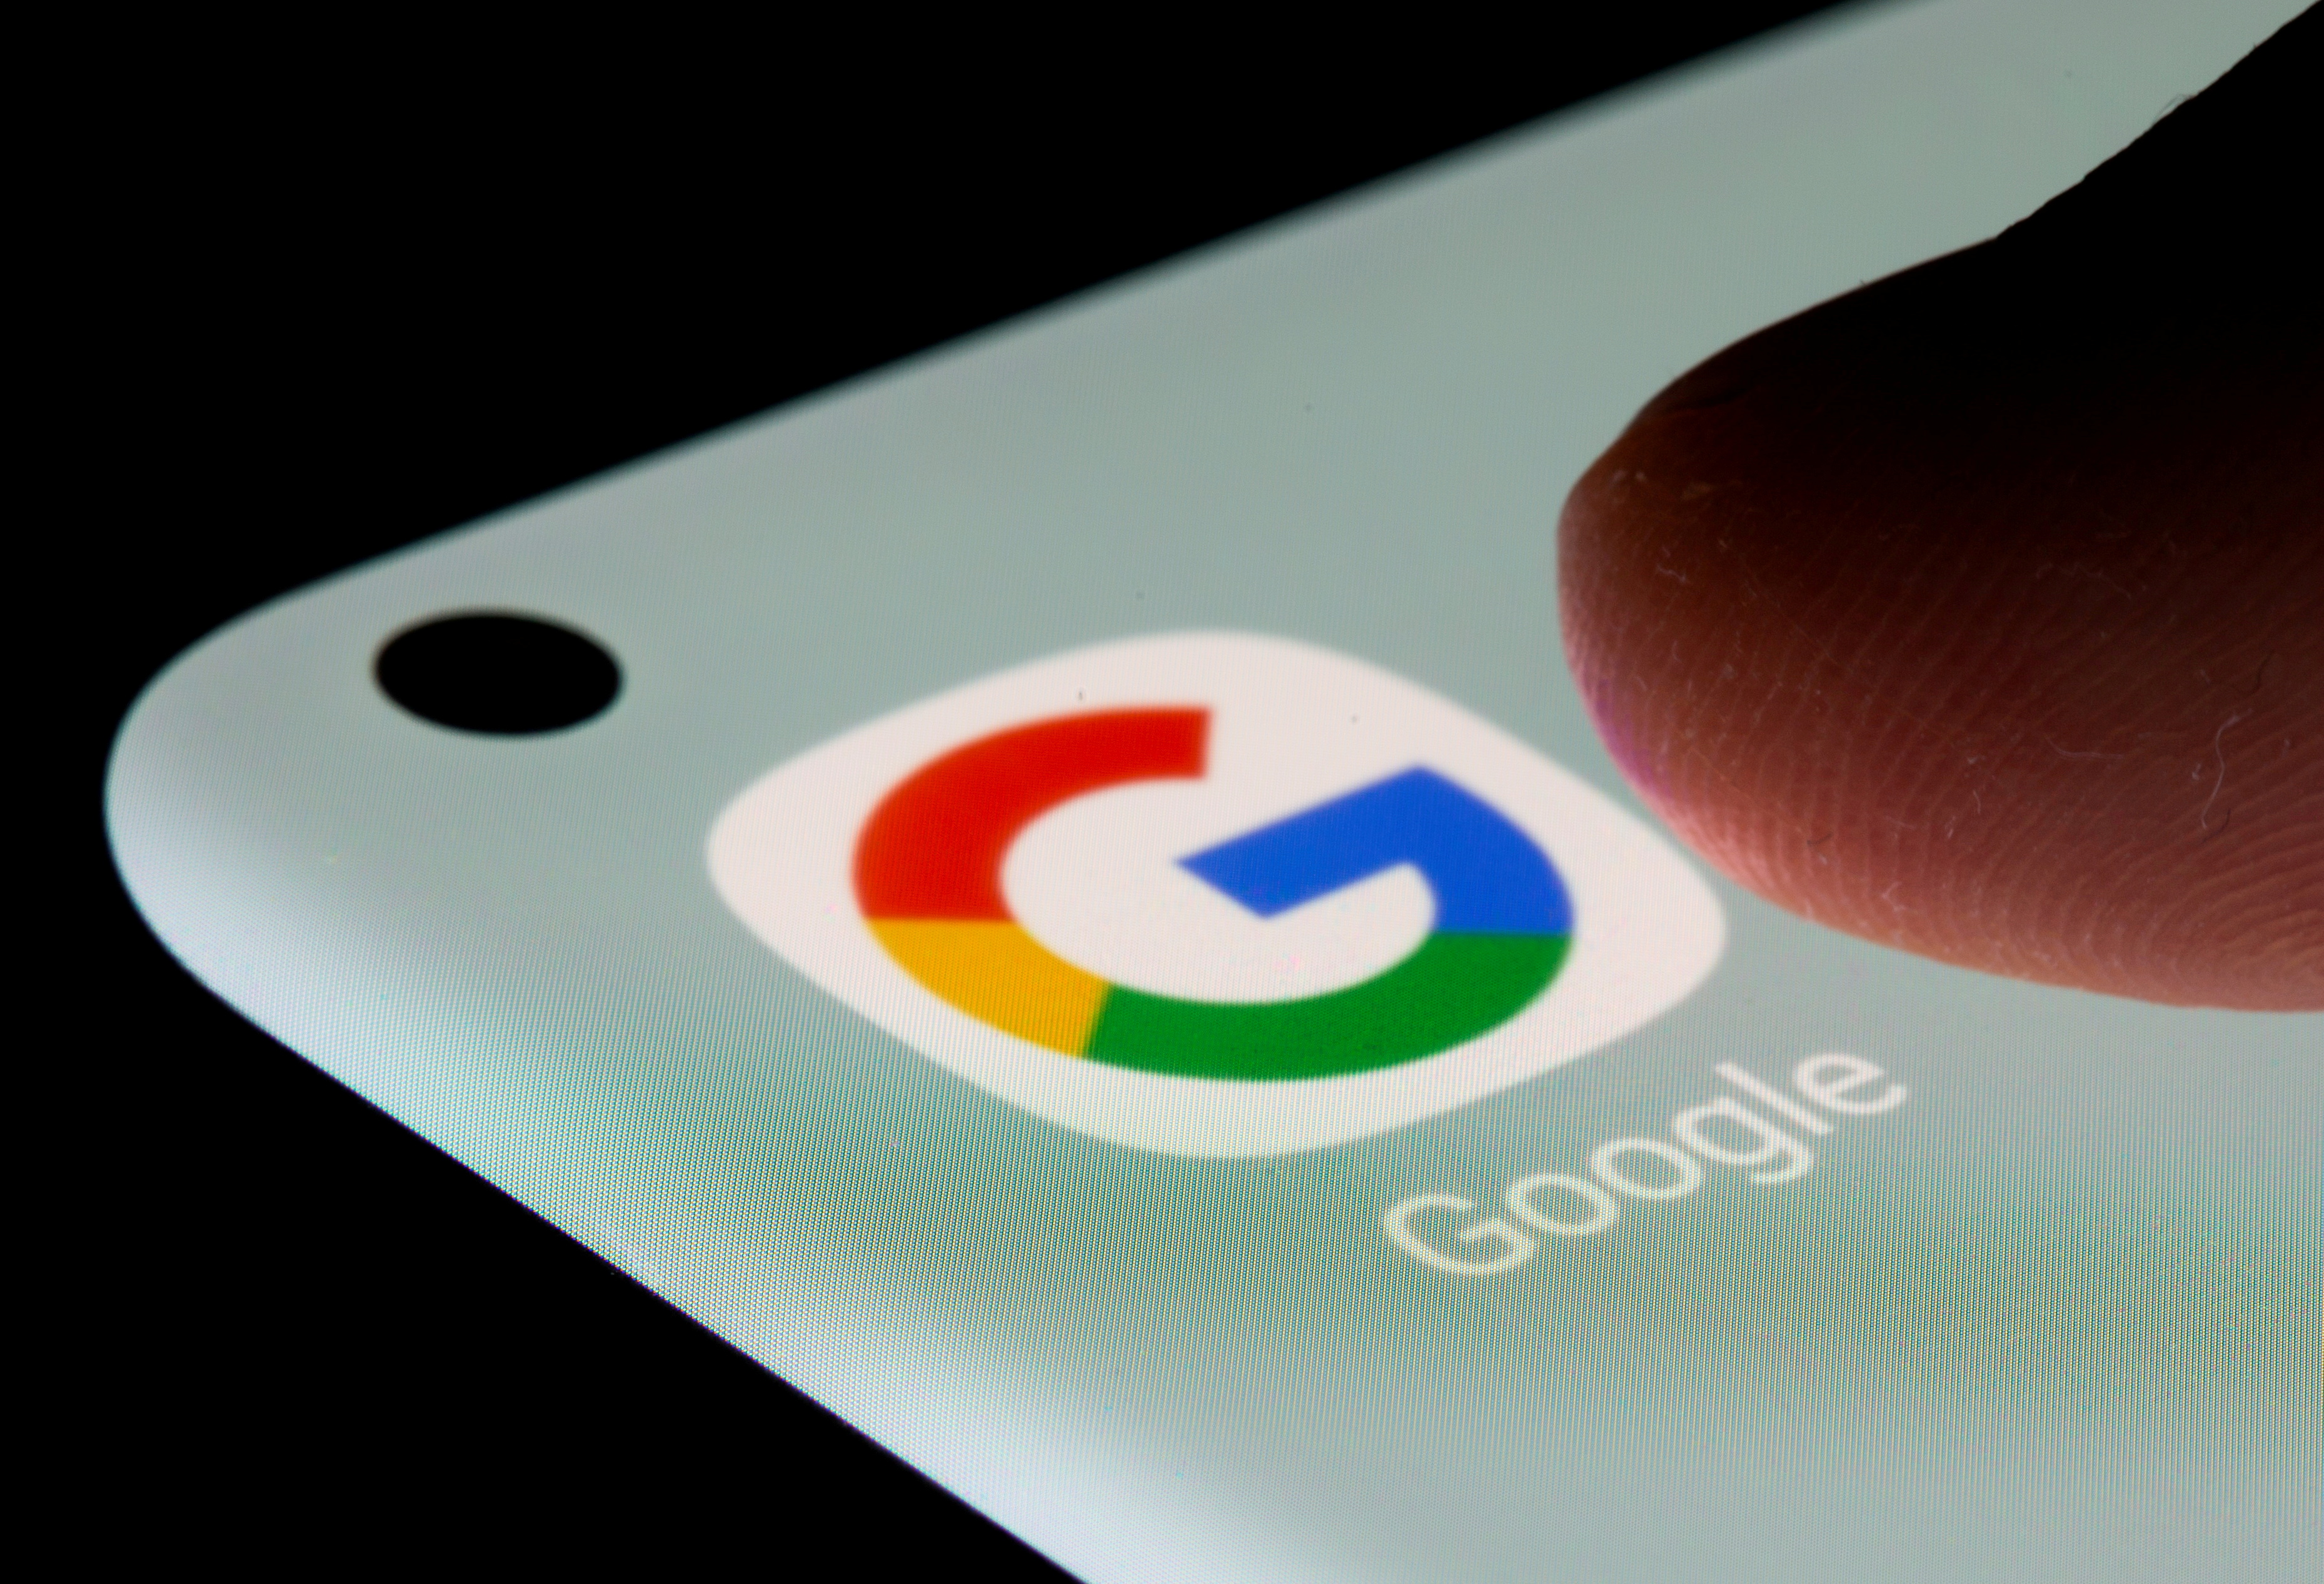 中國網民需「翻牆」才能使用Google。(路透社資料圖片)